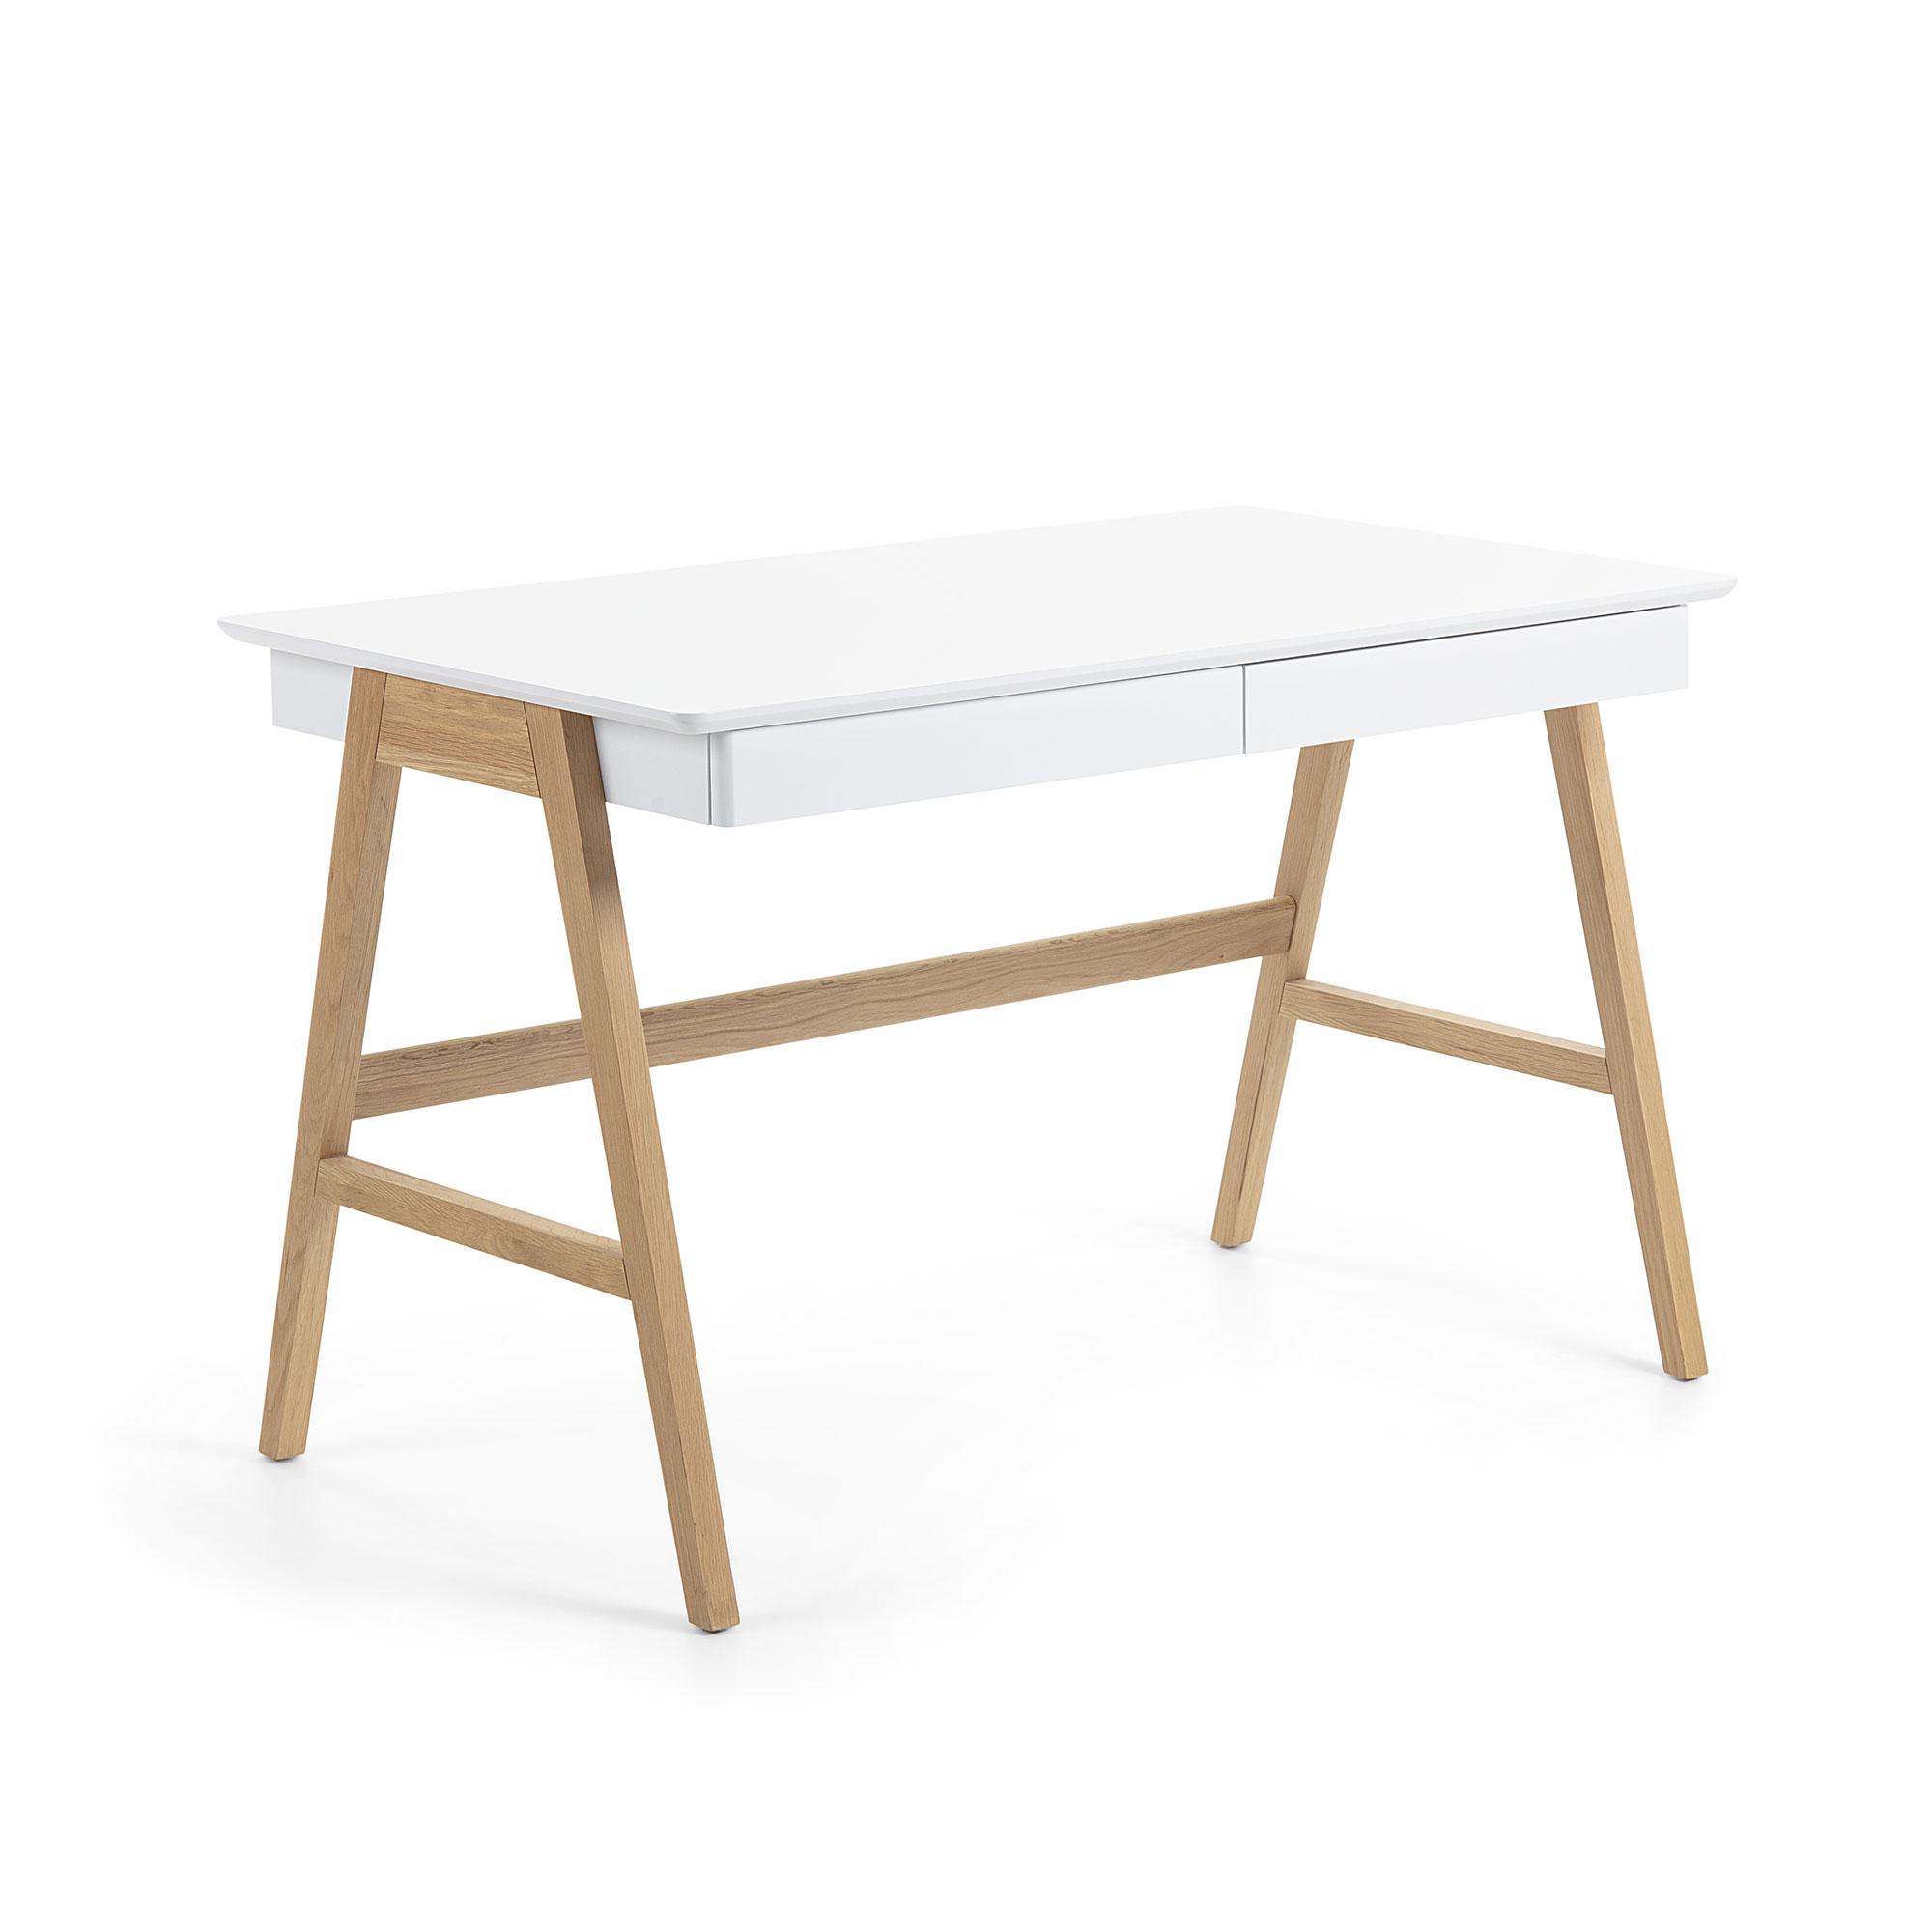 LAFORMA Ingo skrivebord - hvid/natur MDF/egetræ, m. 2 skuffer